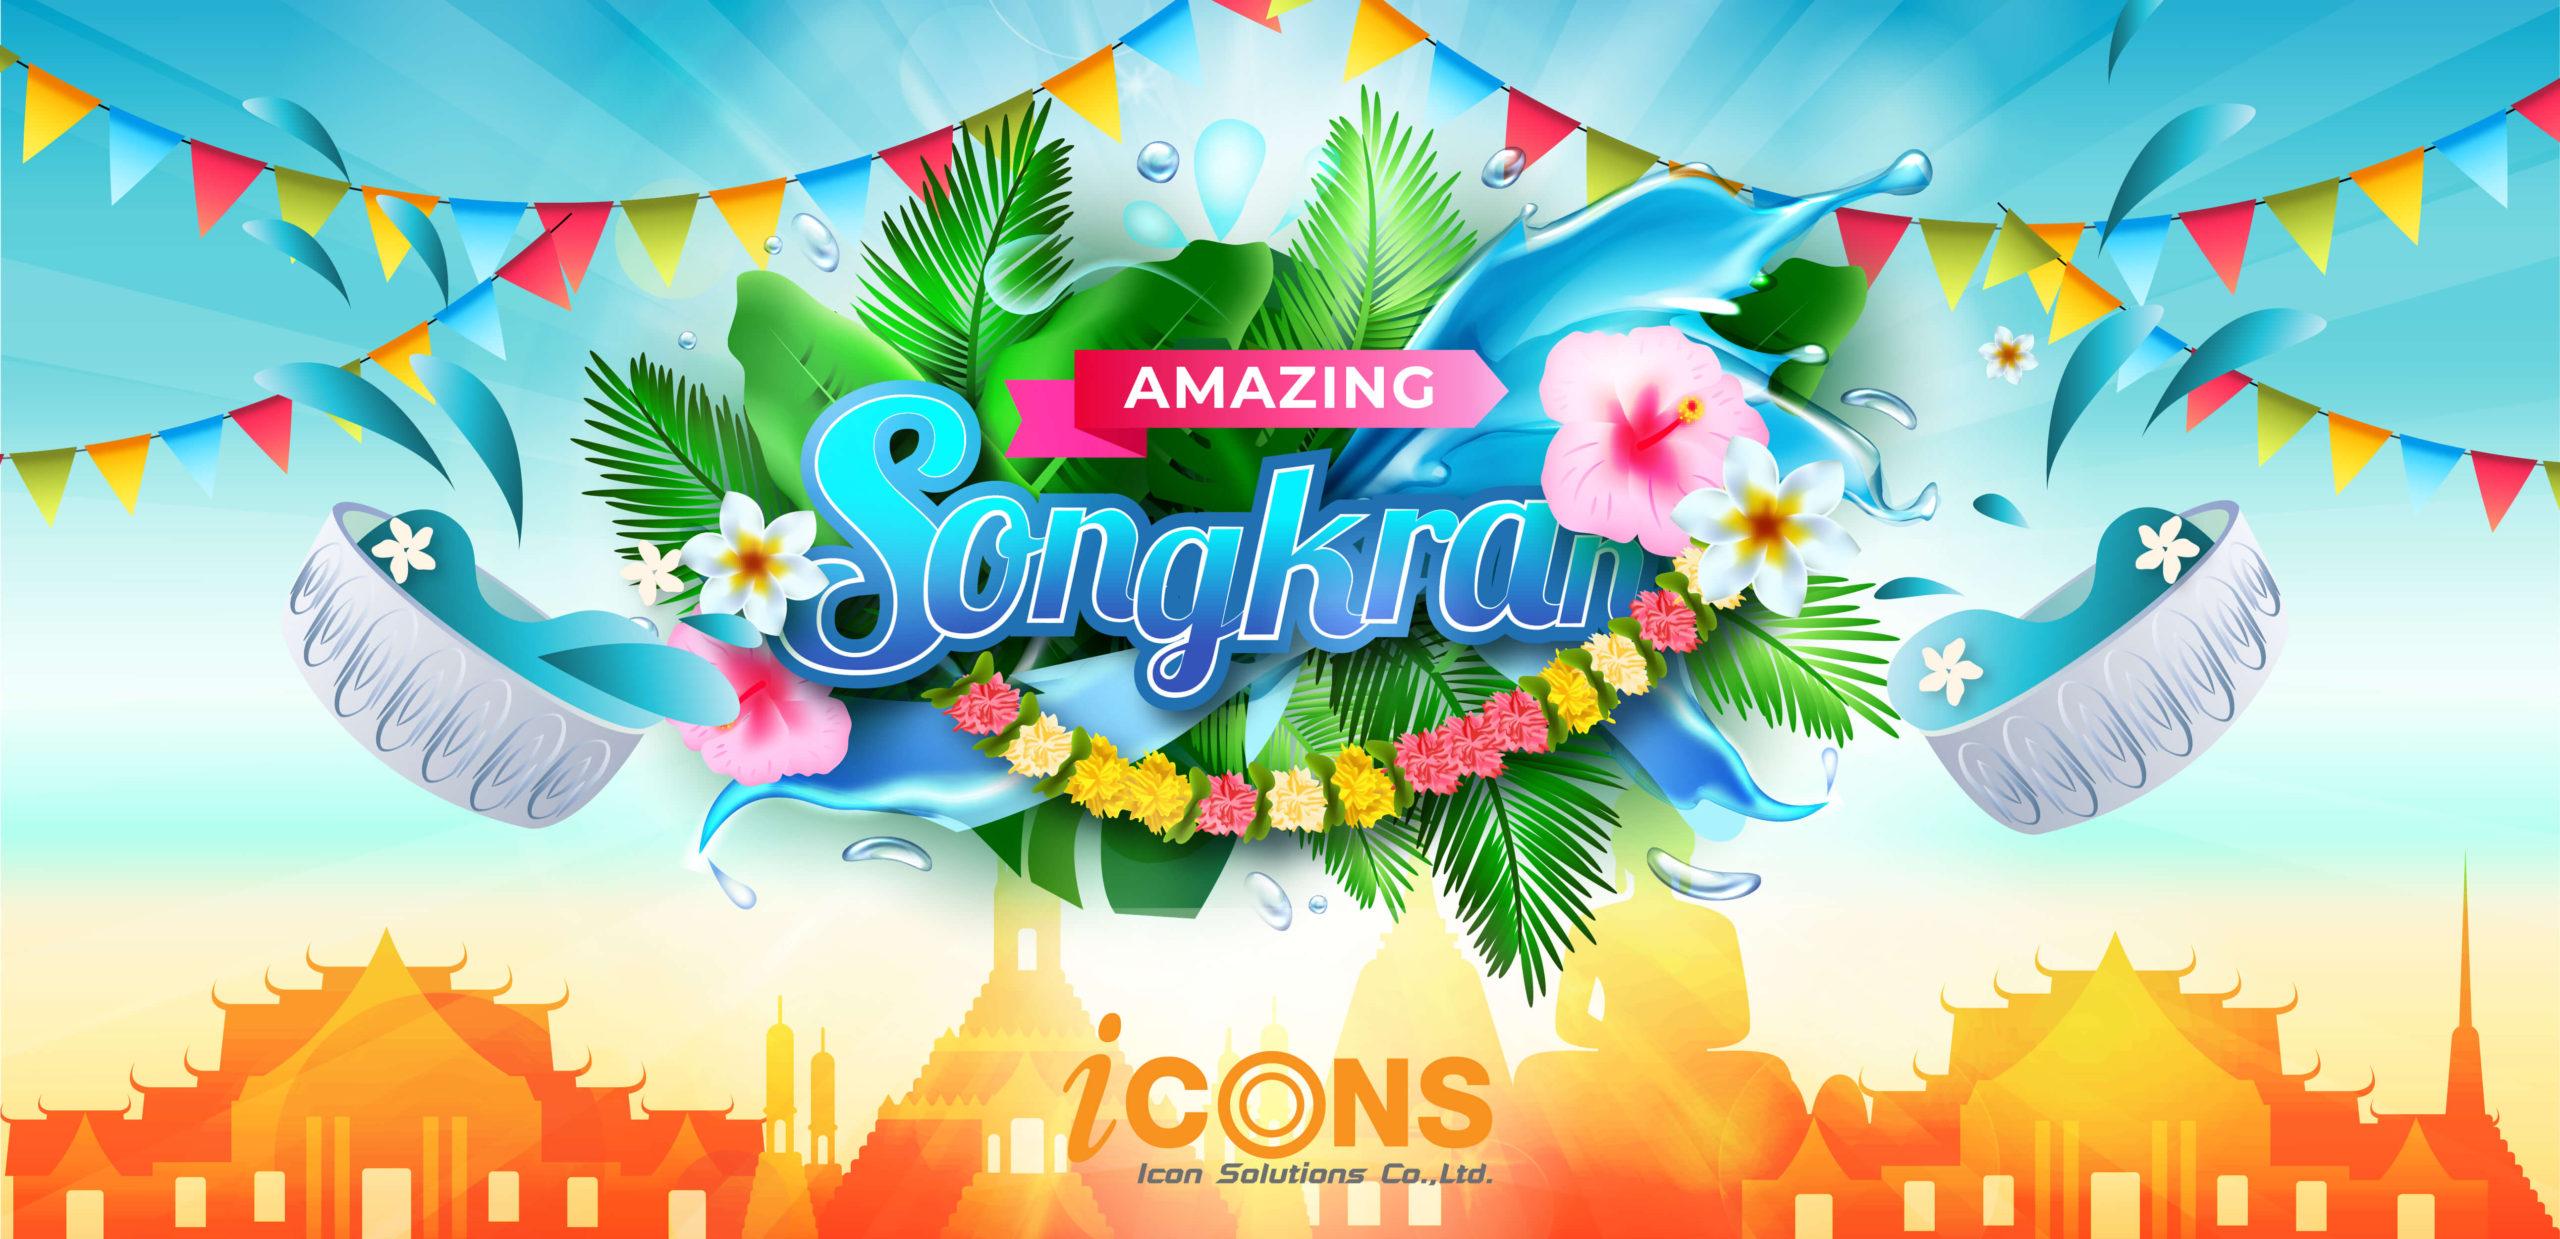 Songkran-iCons